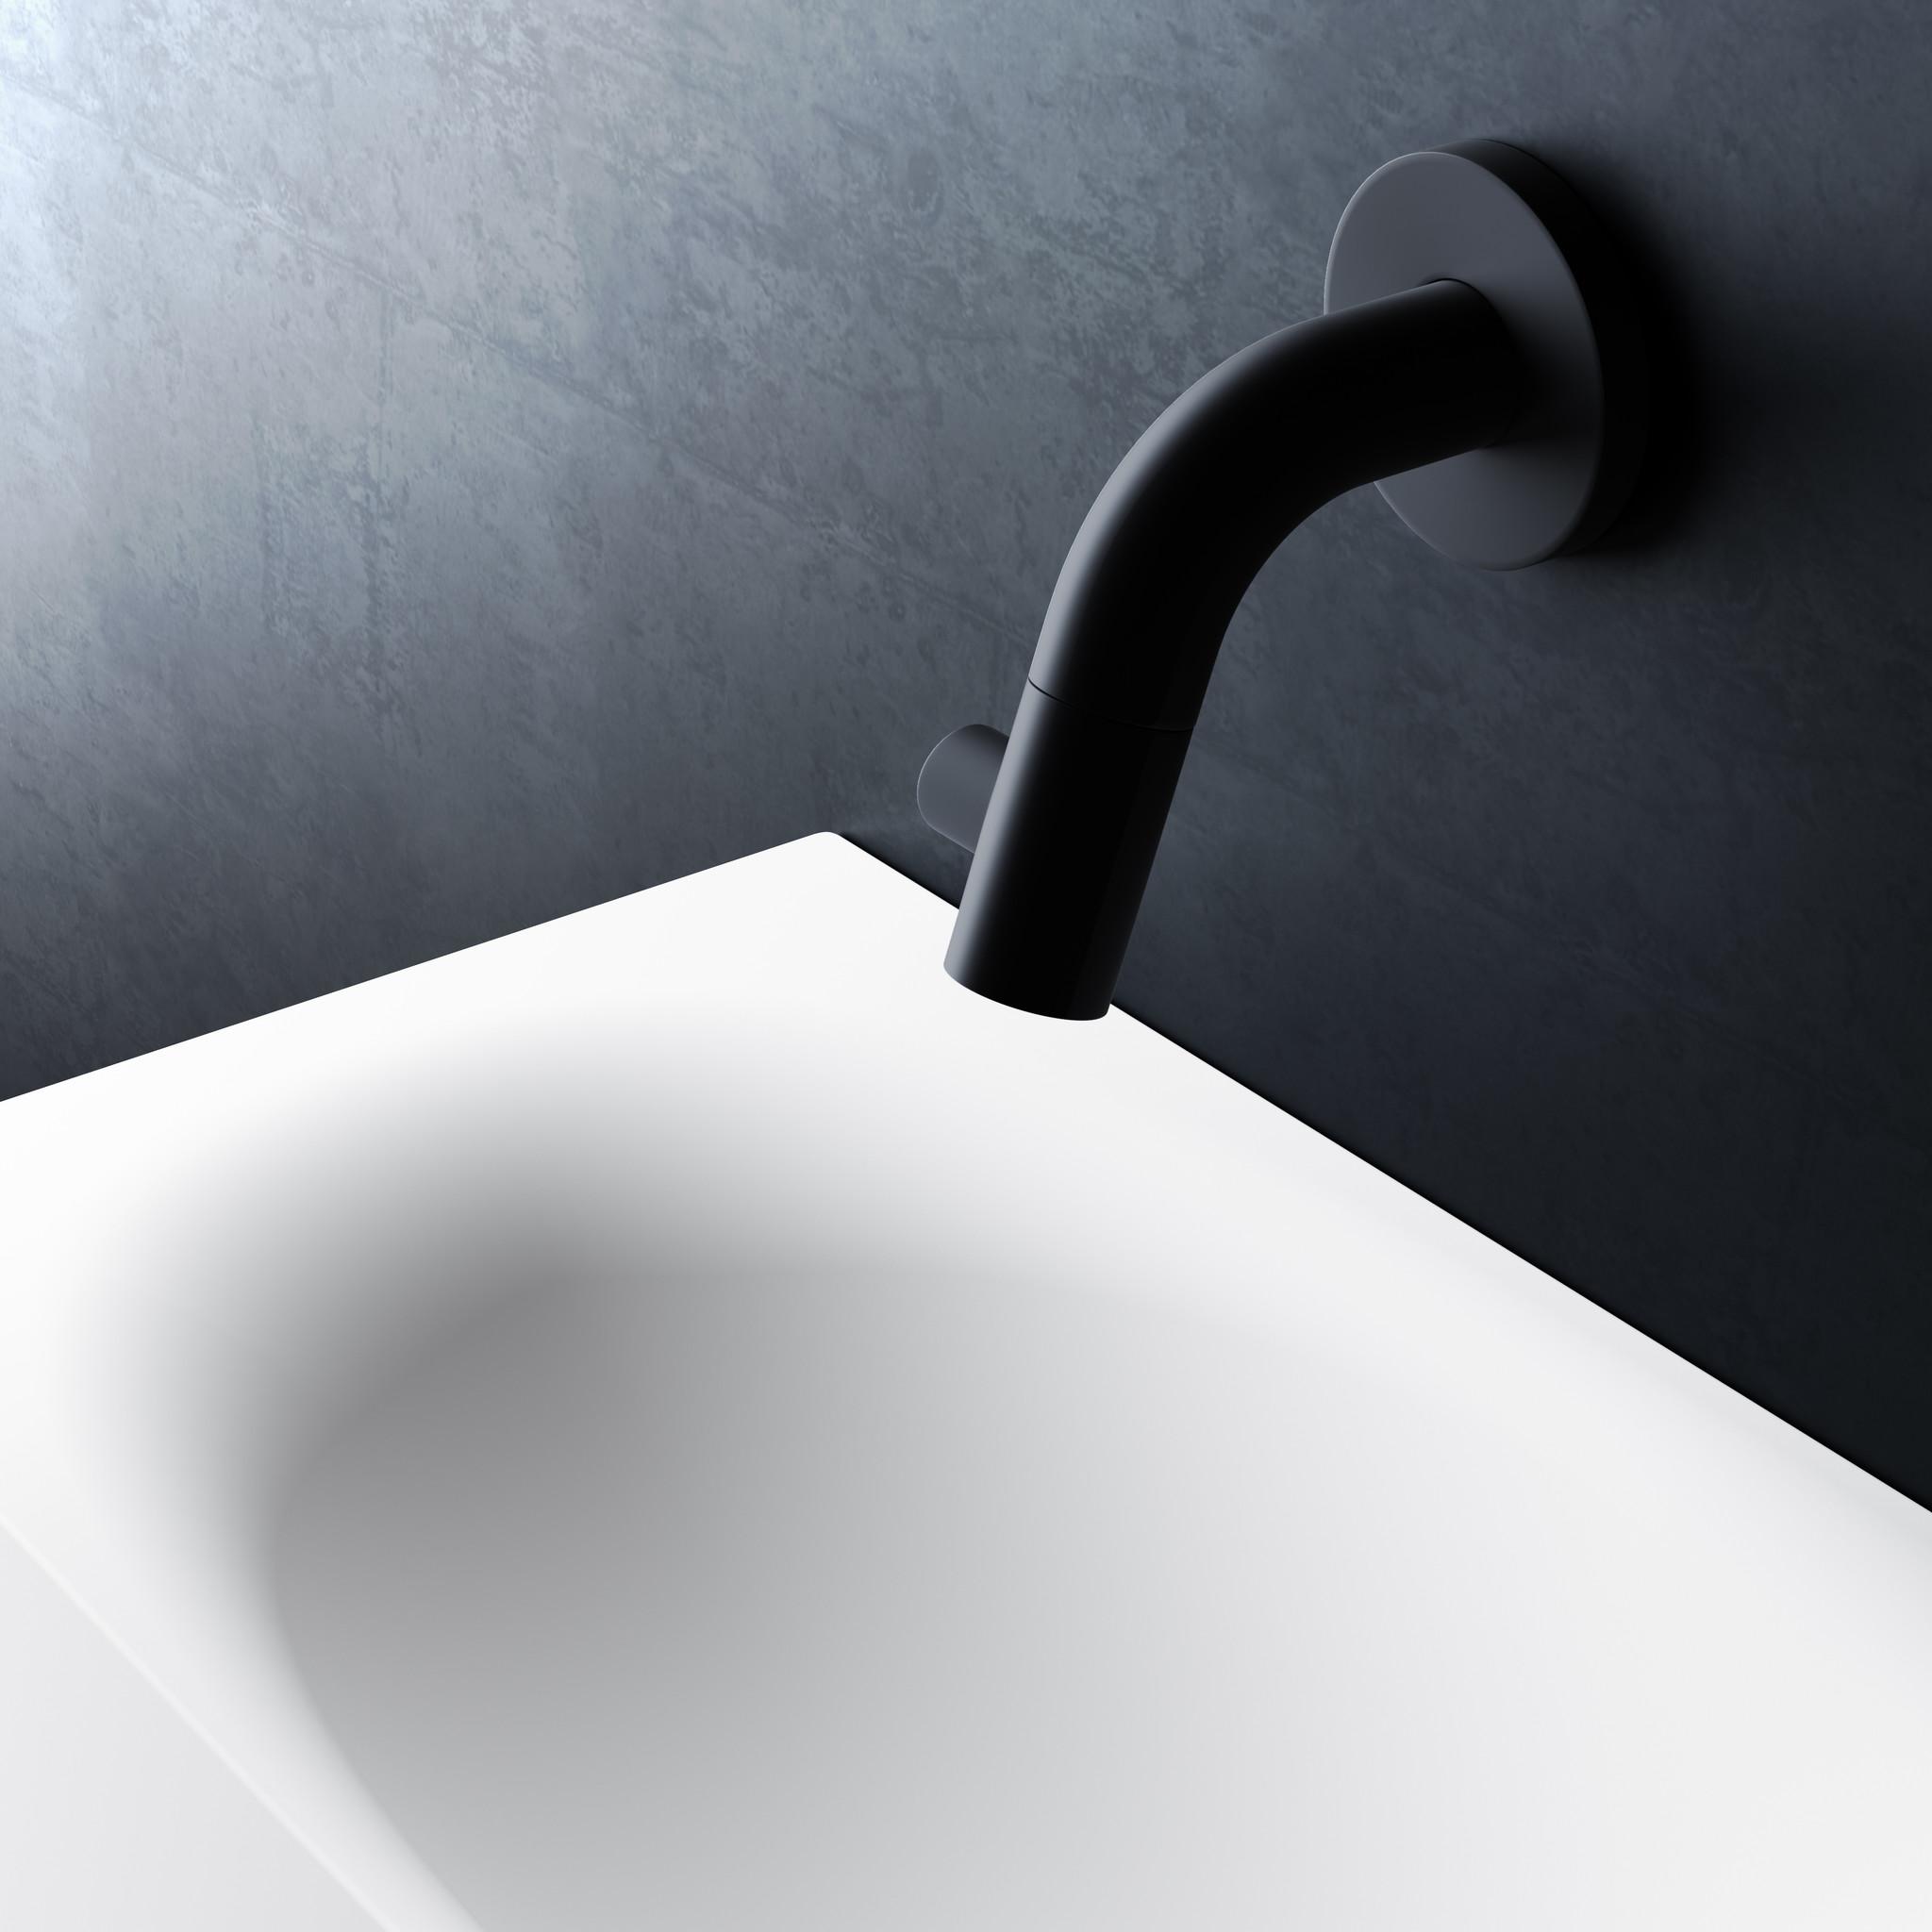 Kaldur robinet eau froide noir